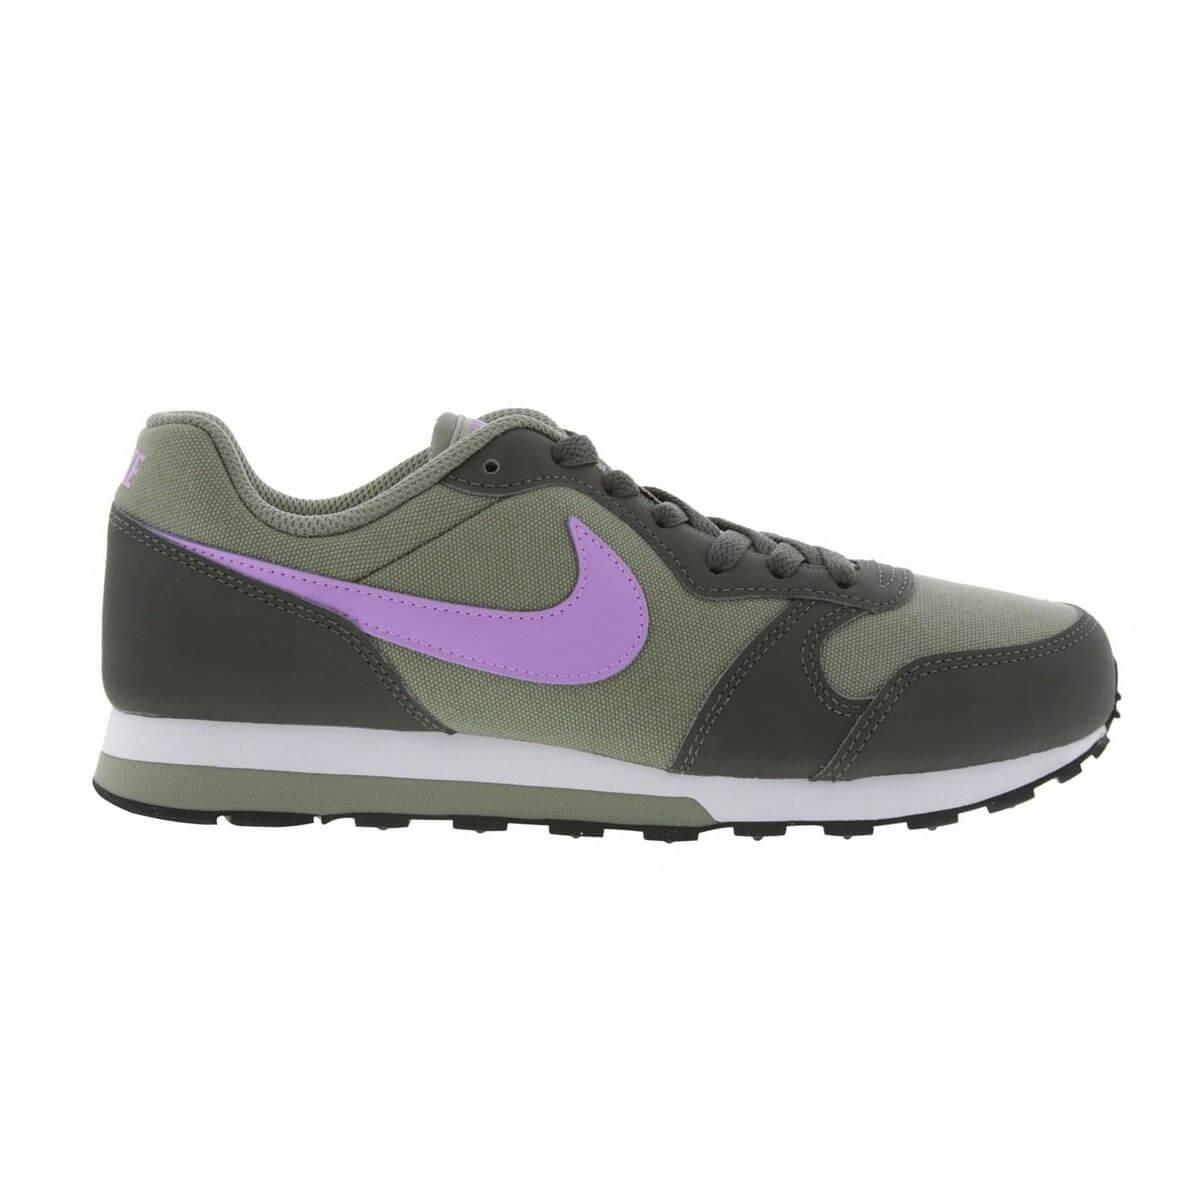 d98abf65c68 Tênis Infantil Nike MD Runner 2 (GS) 807319-015 - Cinza Rosa ...